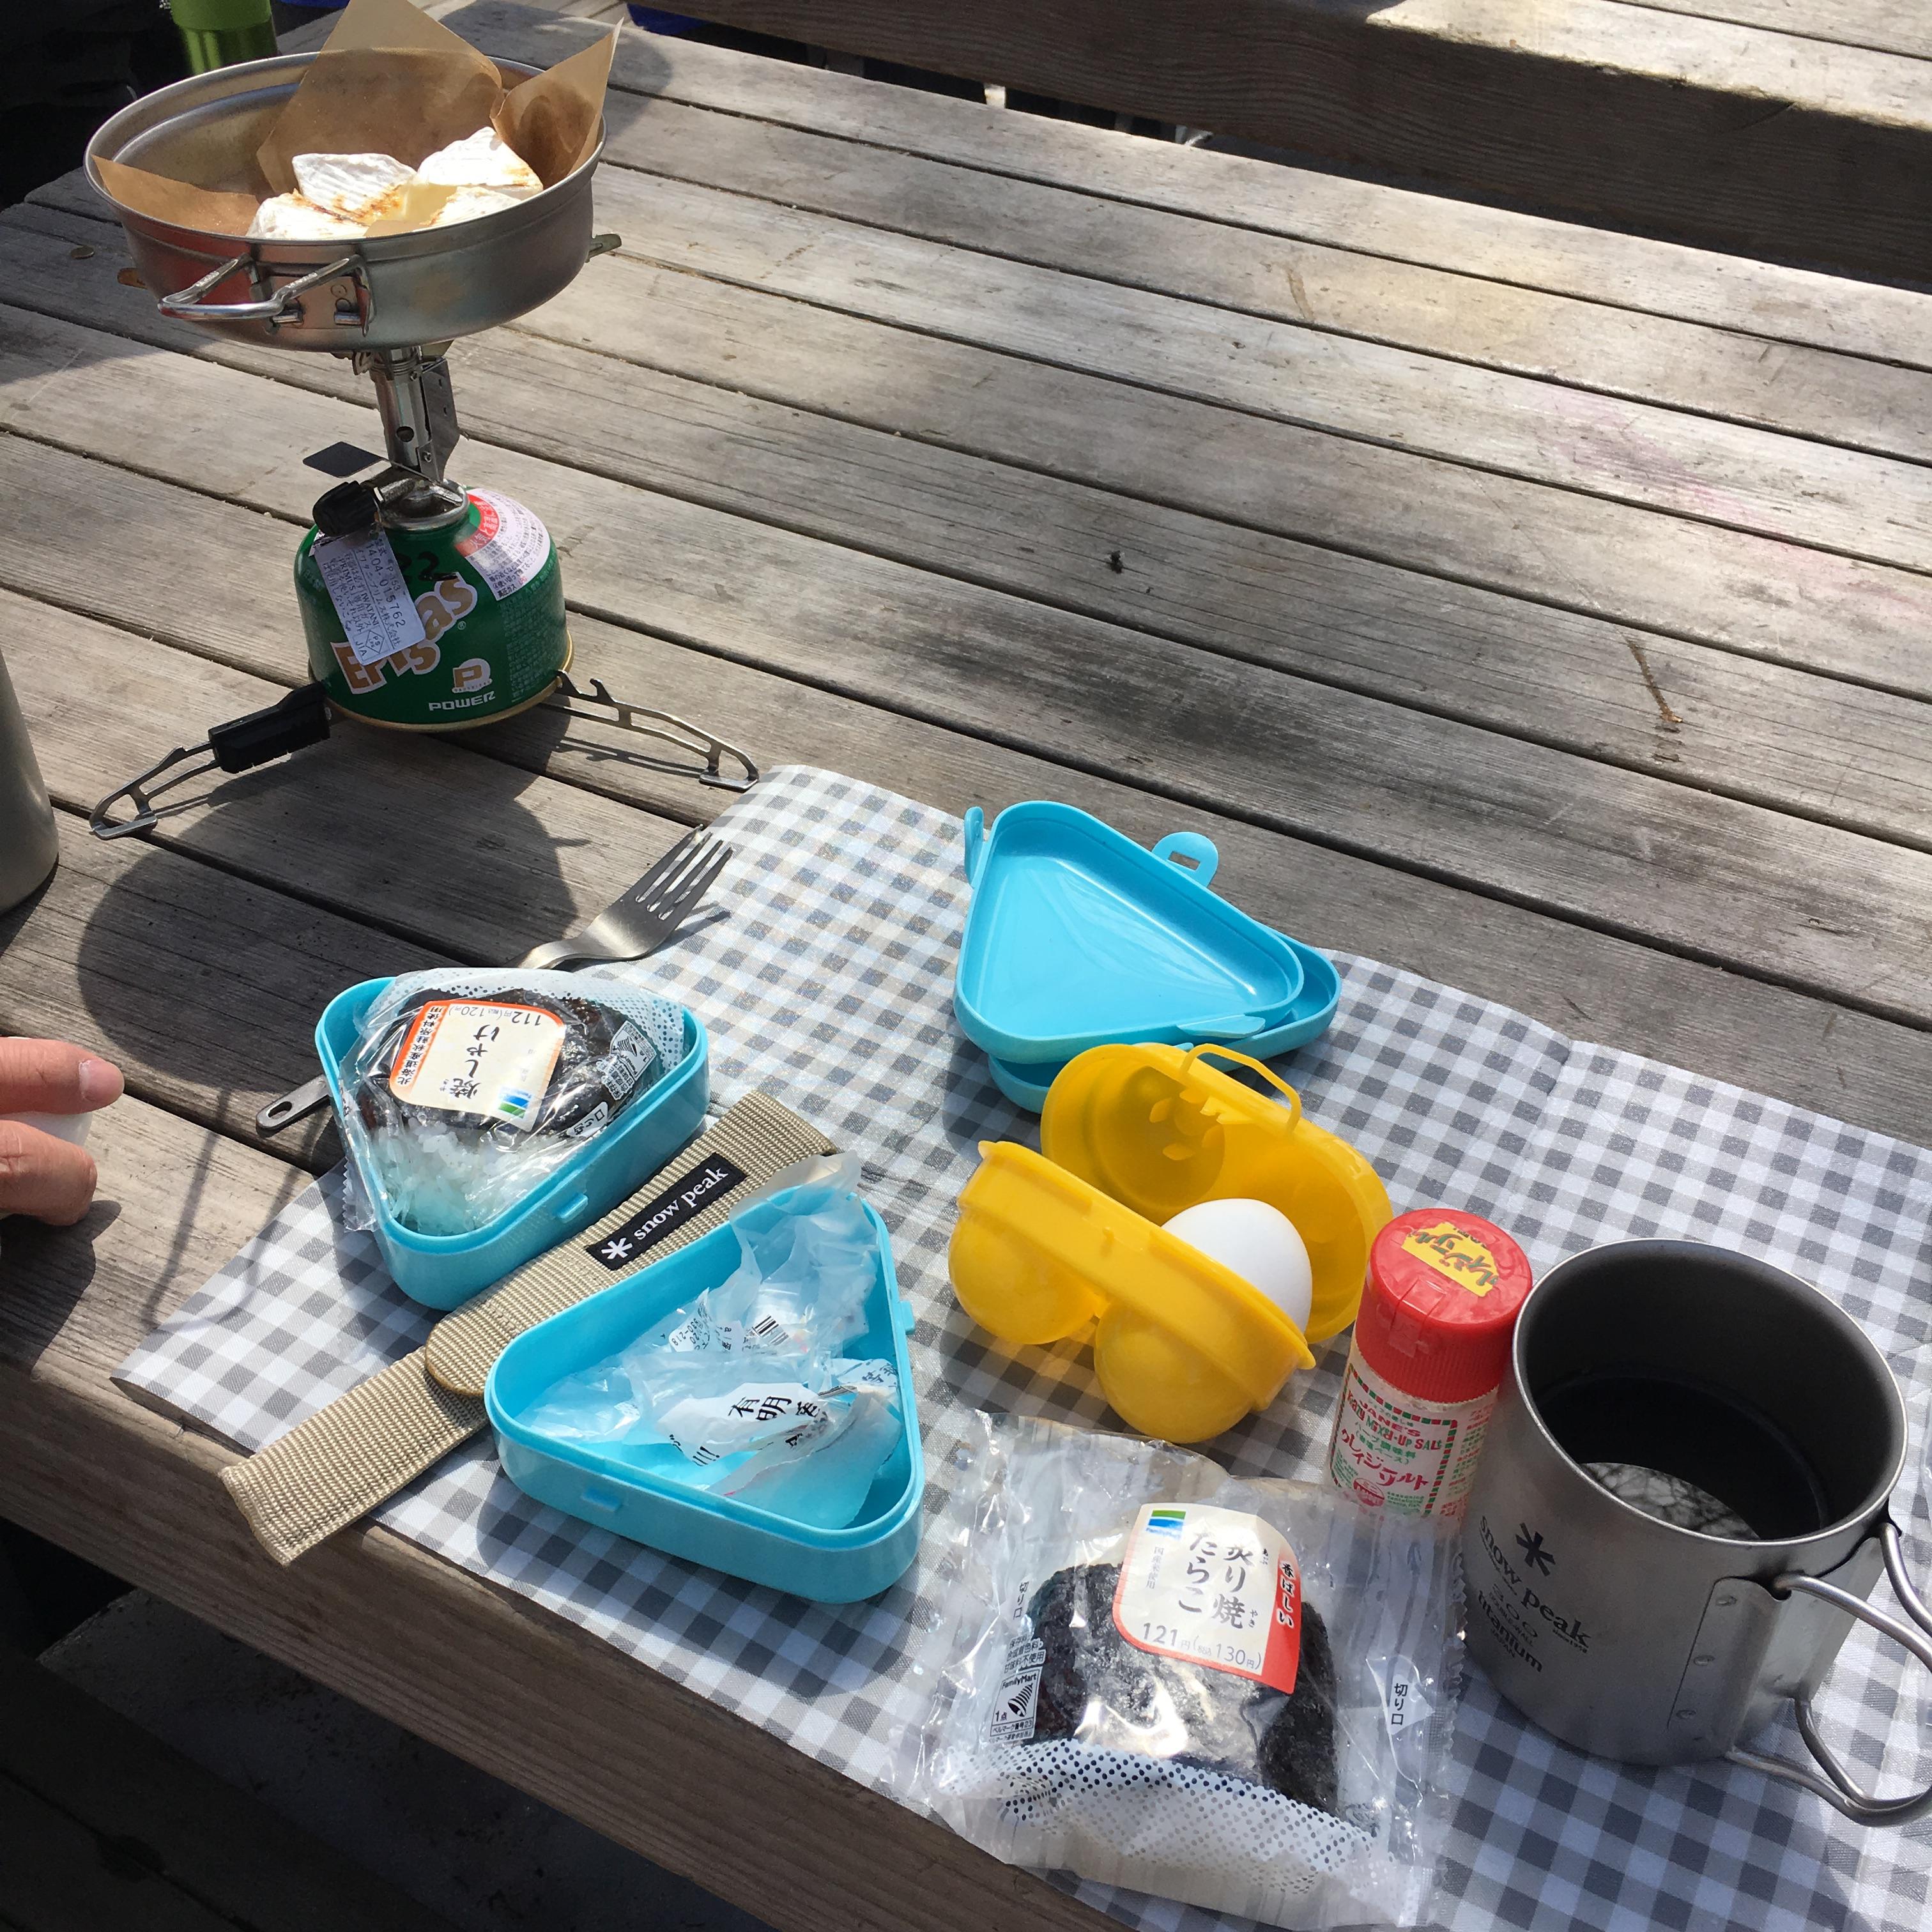 登山の昼ご飯コンビニ調達とレトルト活用で超簡単おすすめ7品